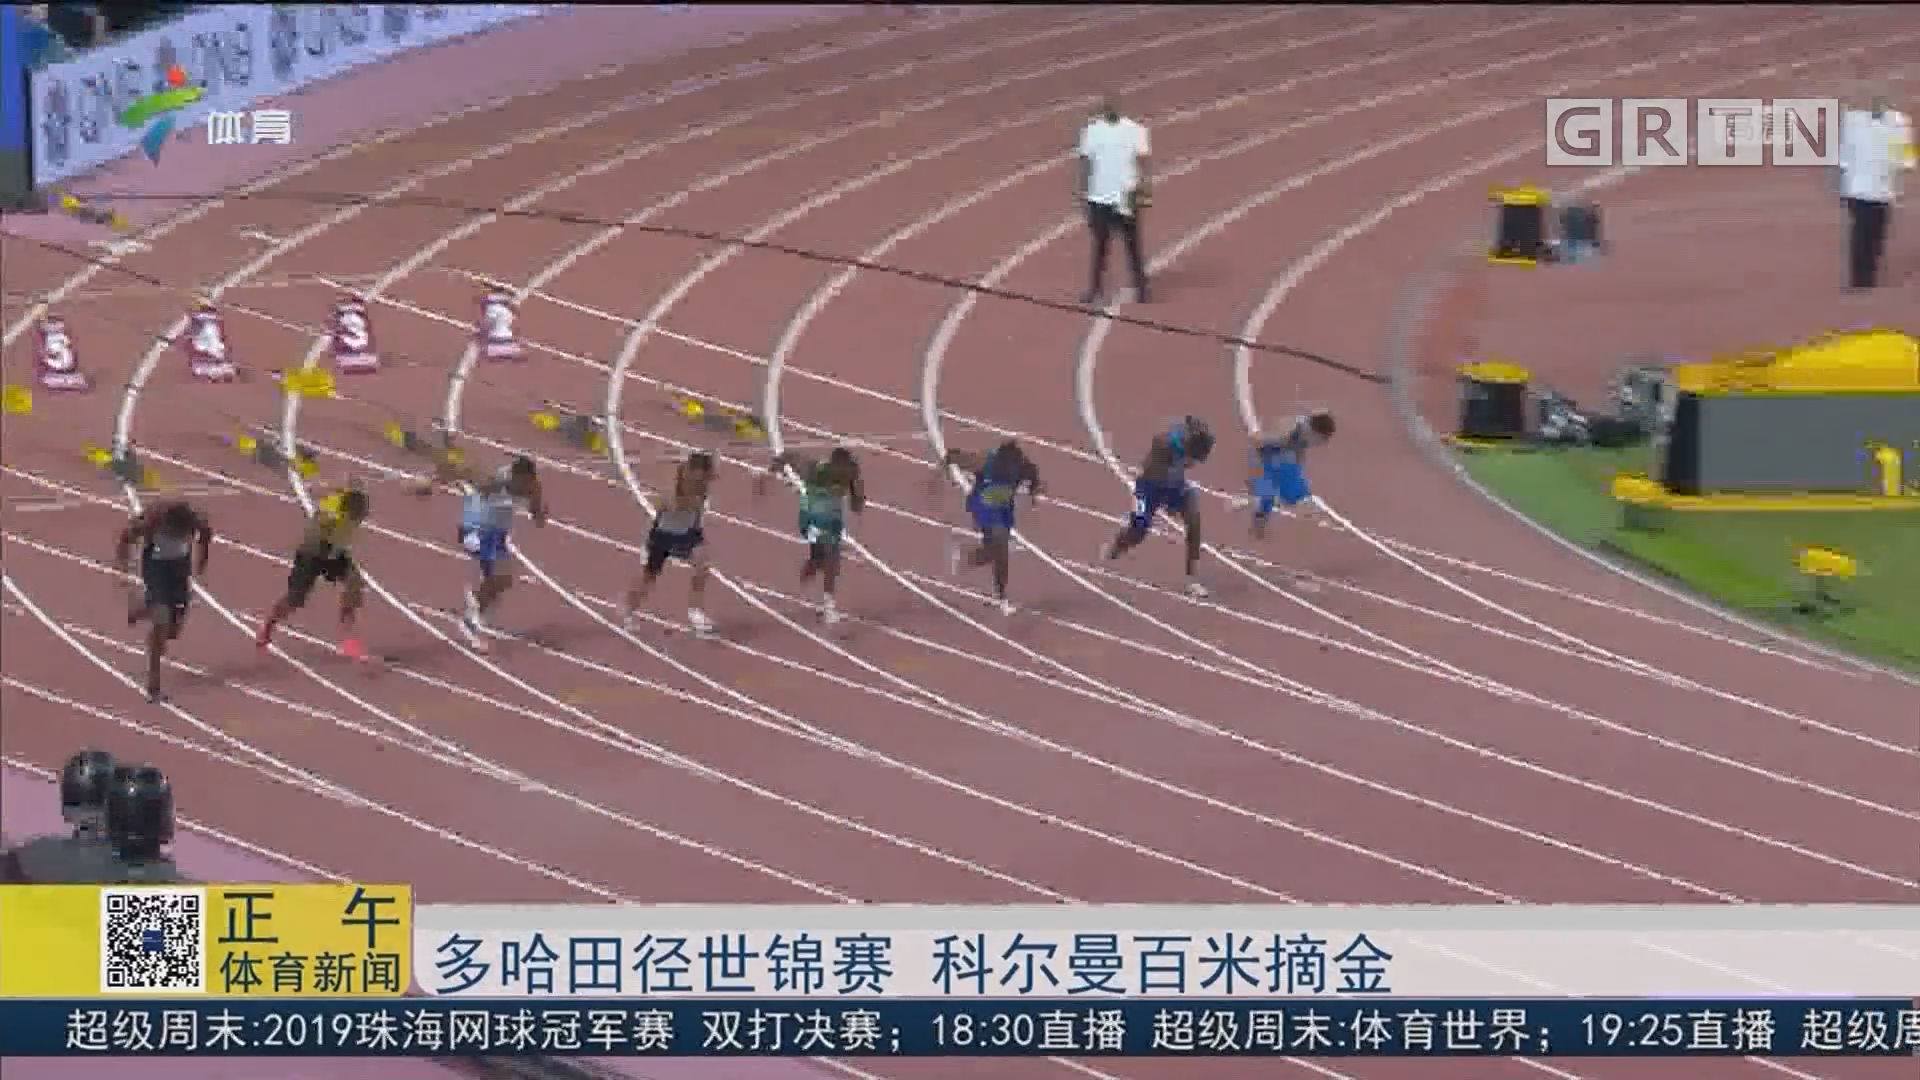 多哈田径世锦赛 科尔曼百米摘金